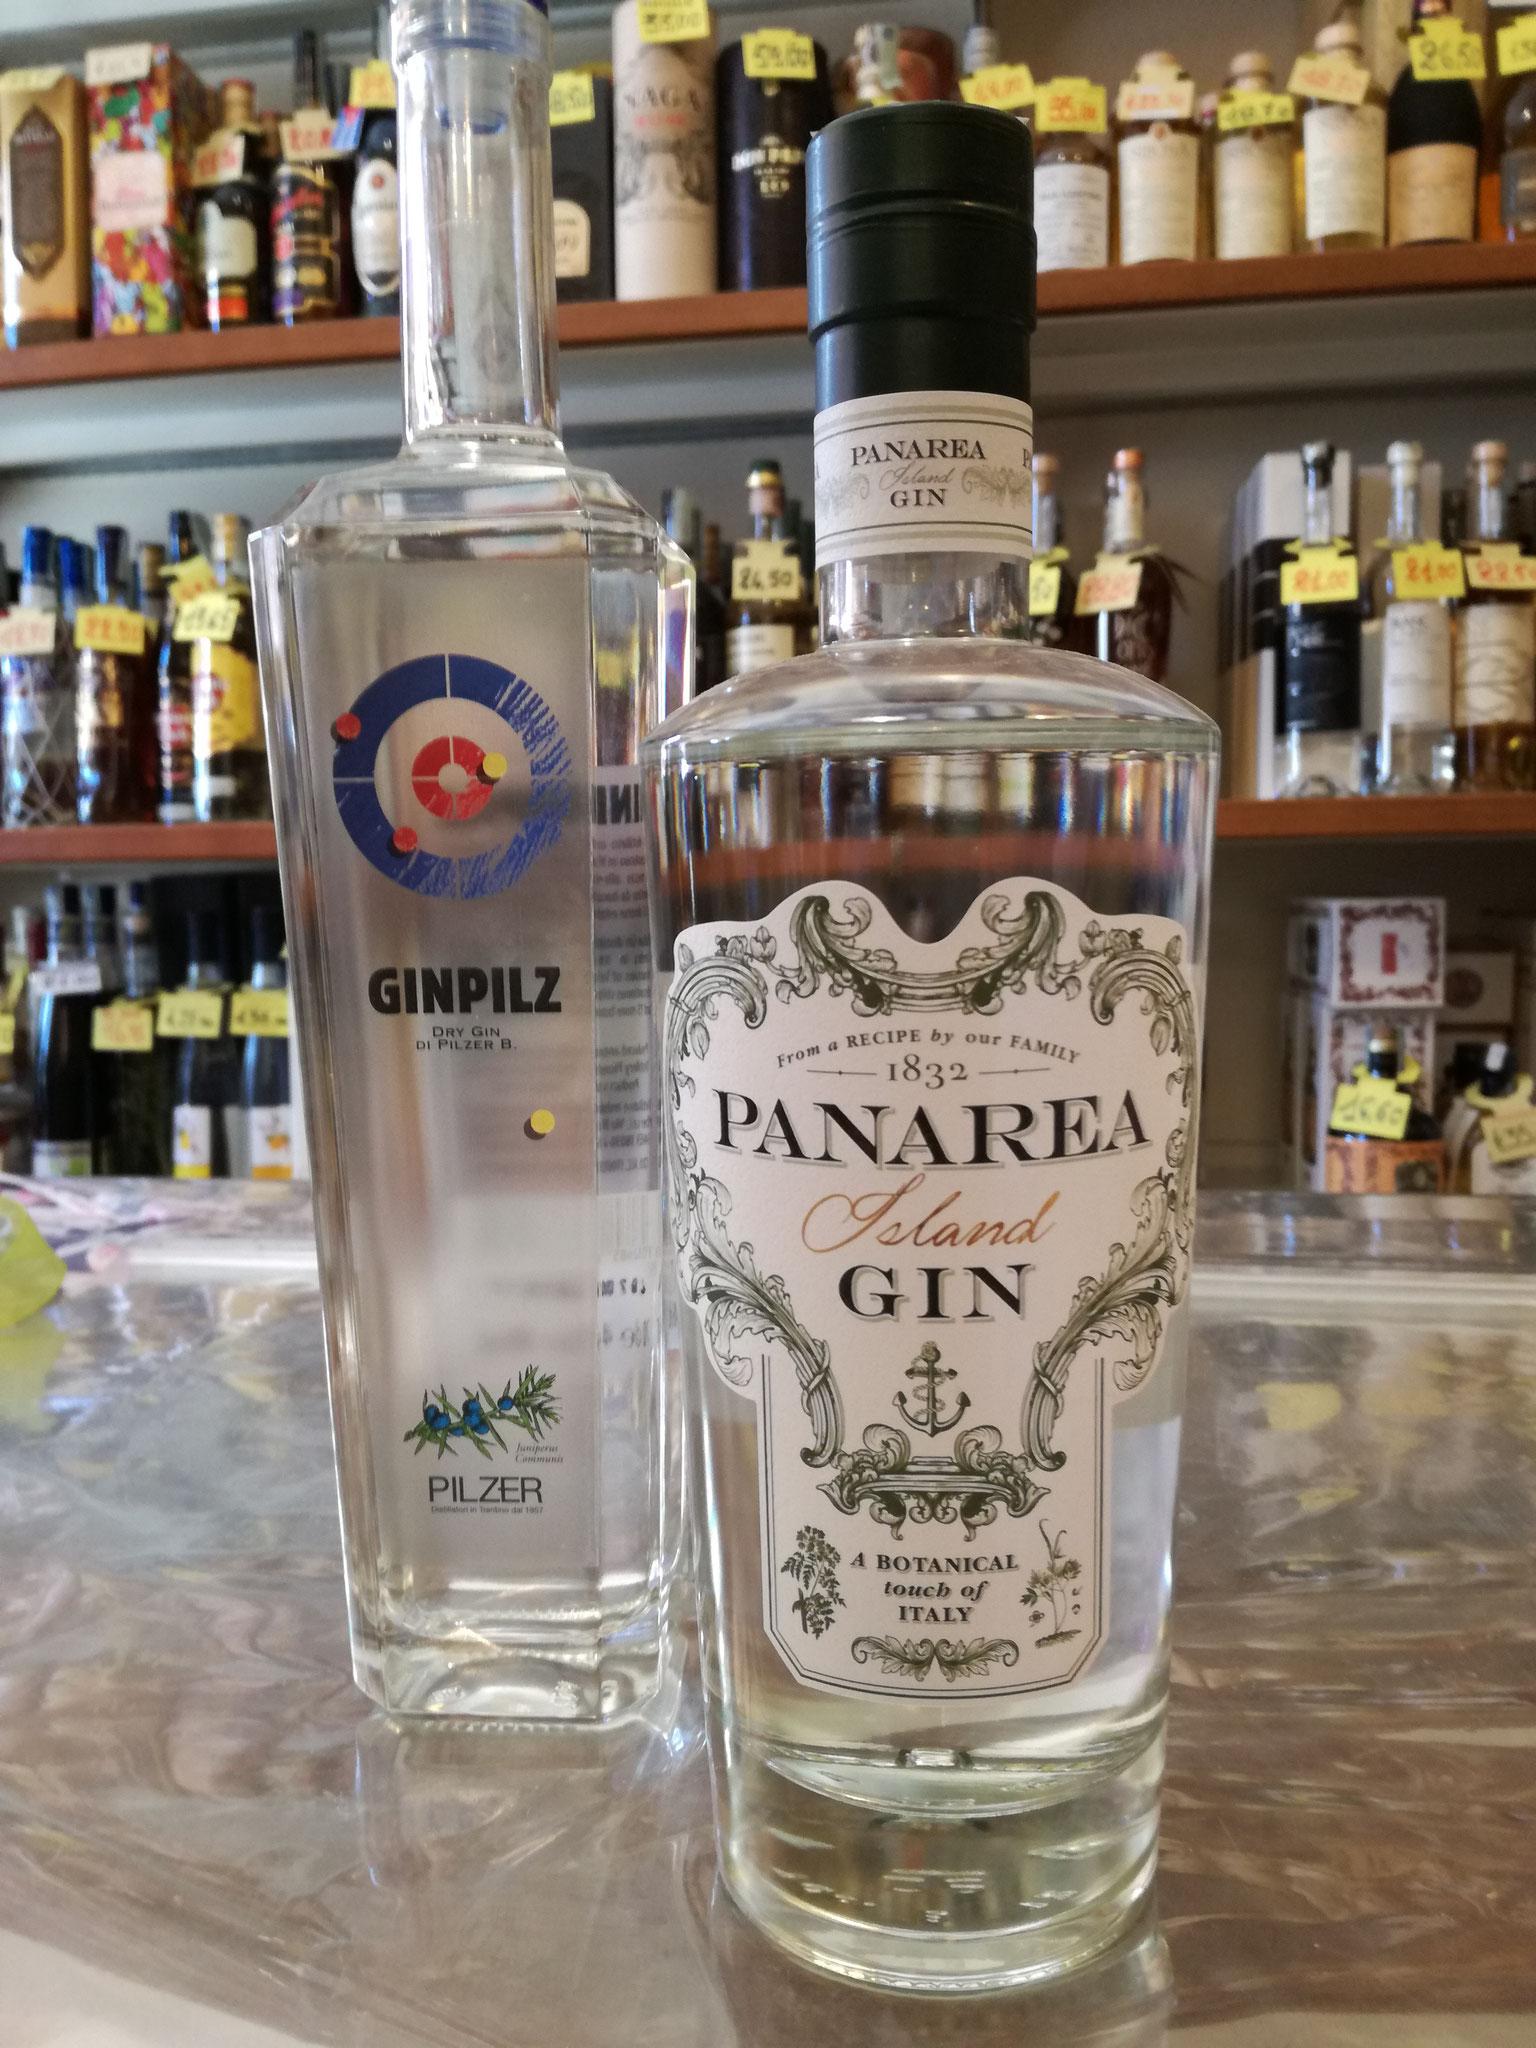 GinPilz e Panarea Island Gin